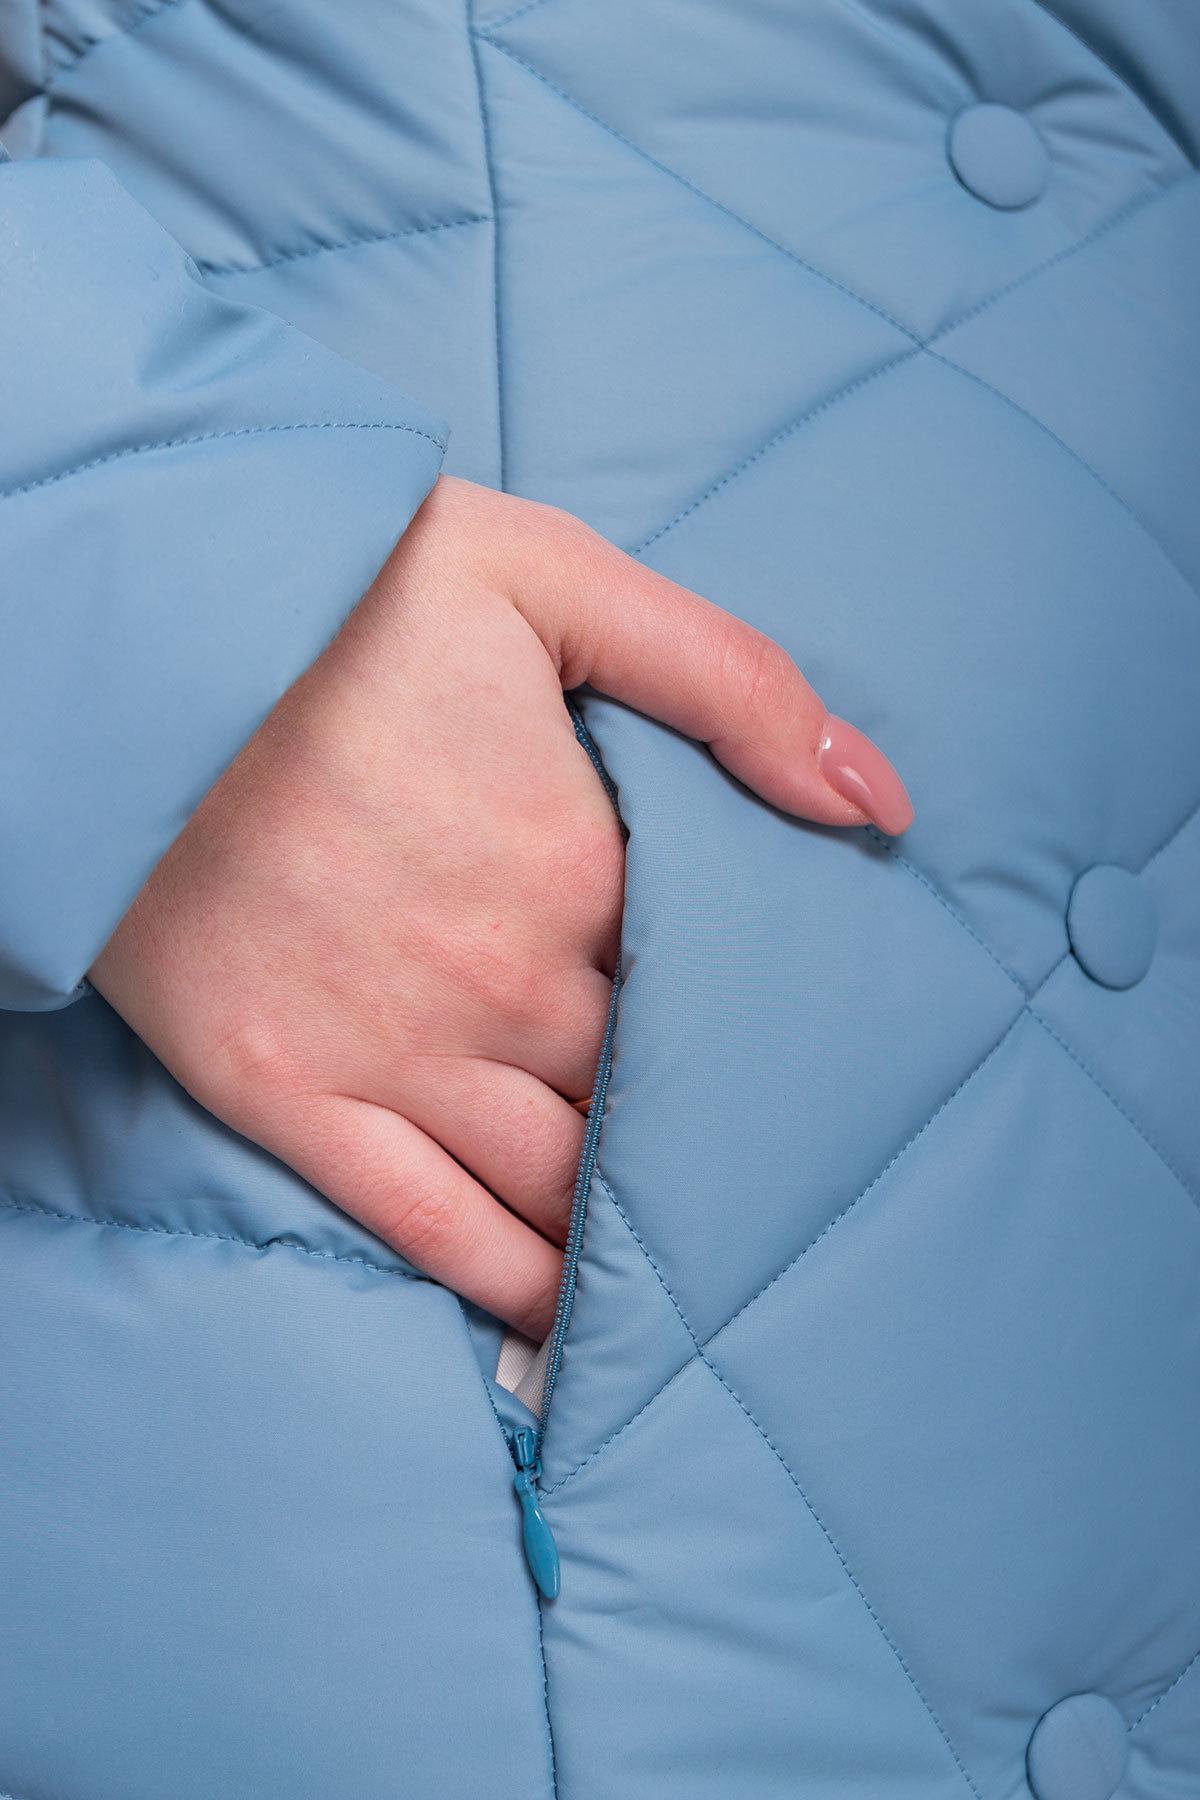 Стеганое демисезонное пальто-куртка Сандра 4526 АРТ. 21524 Цвет: Голубой - фото 4, интернет магазин tm-modus.ru